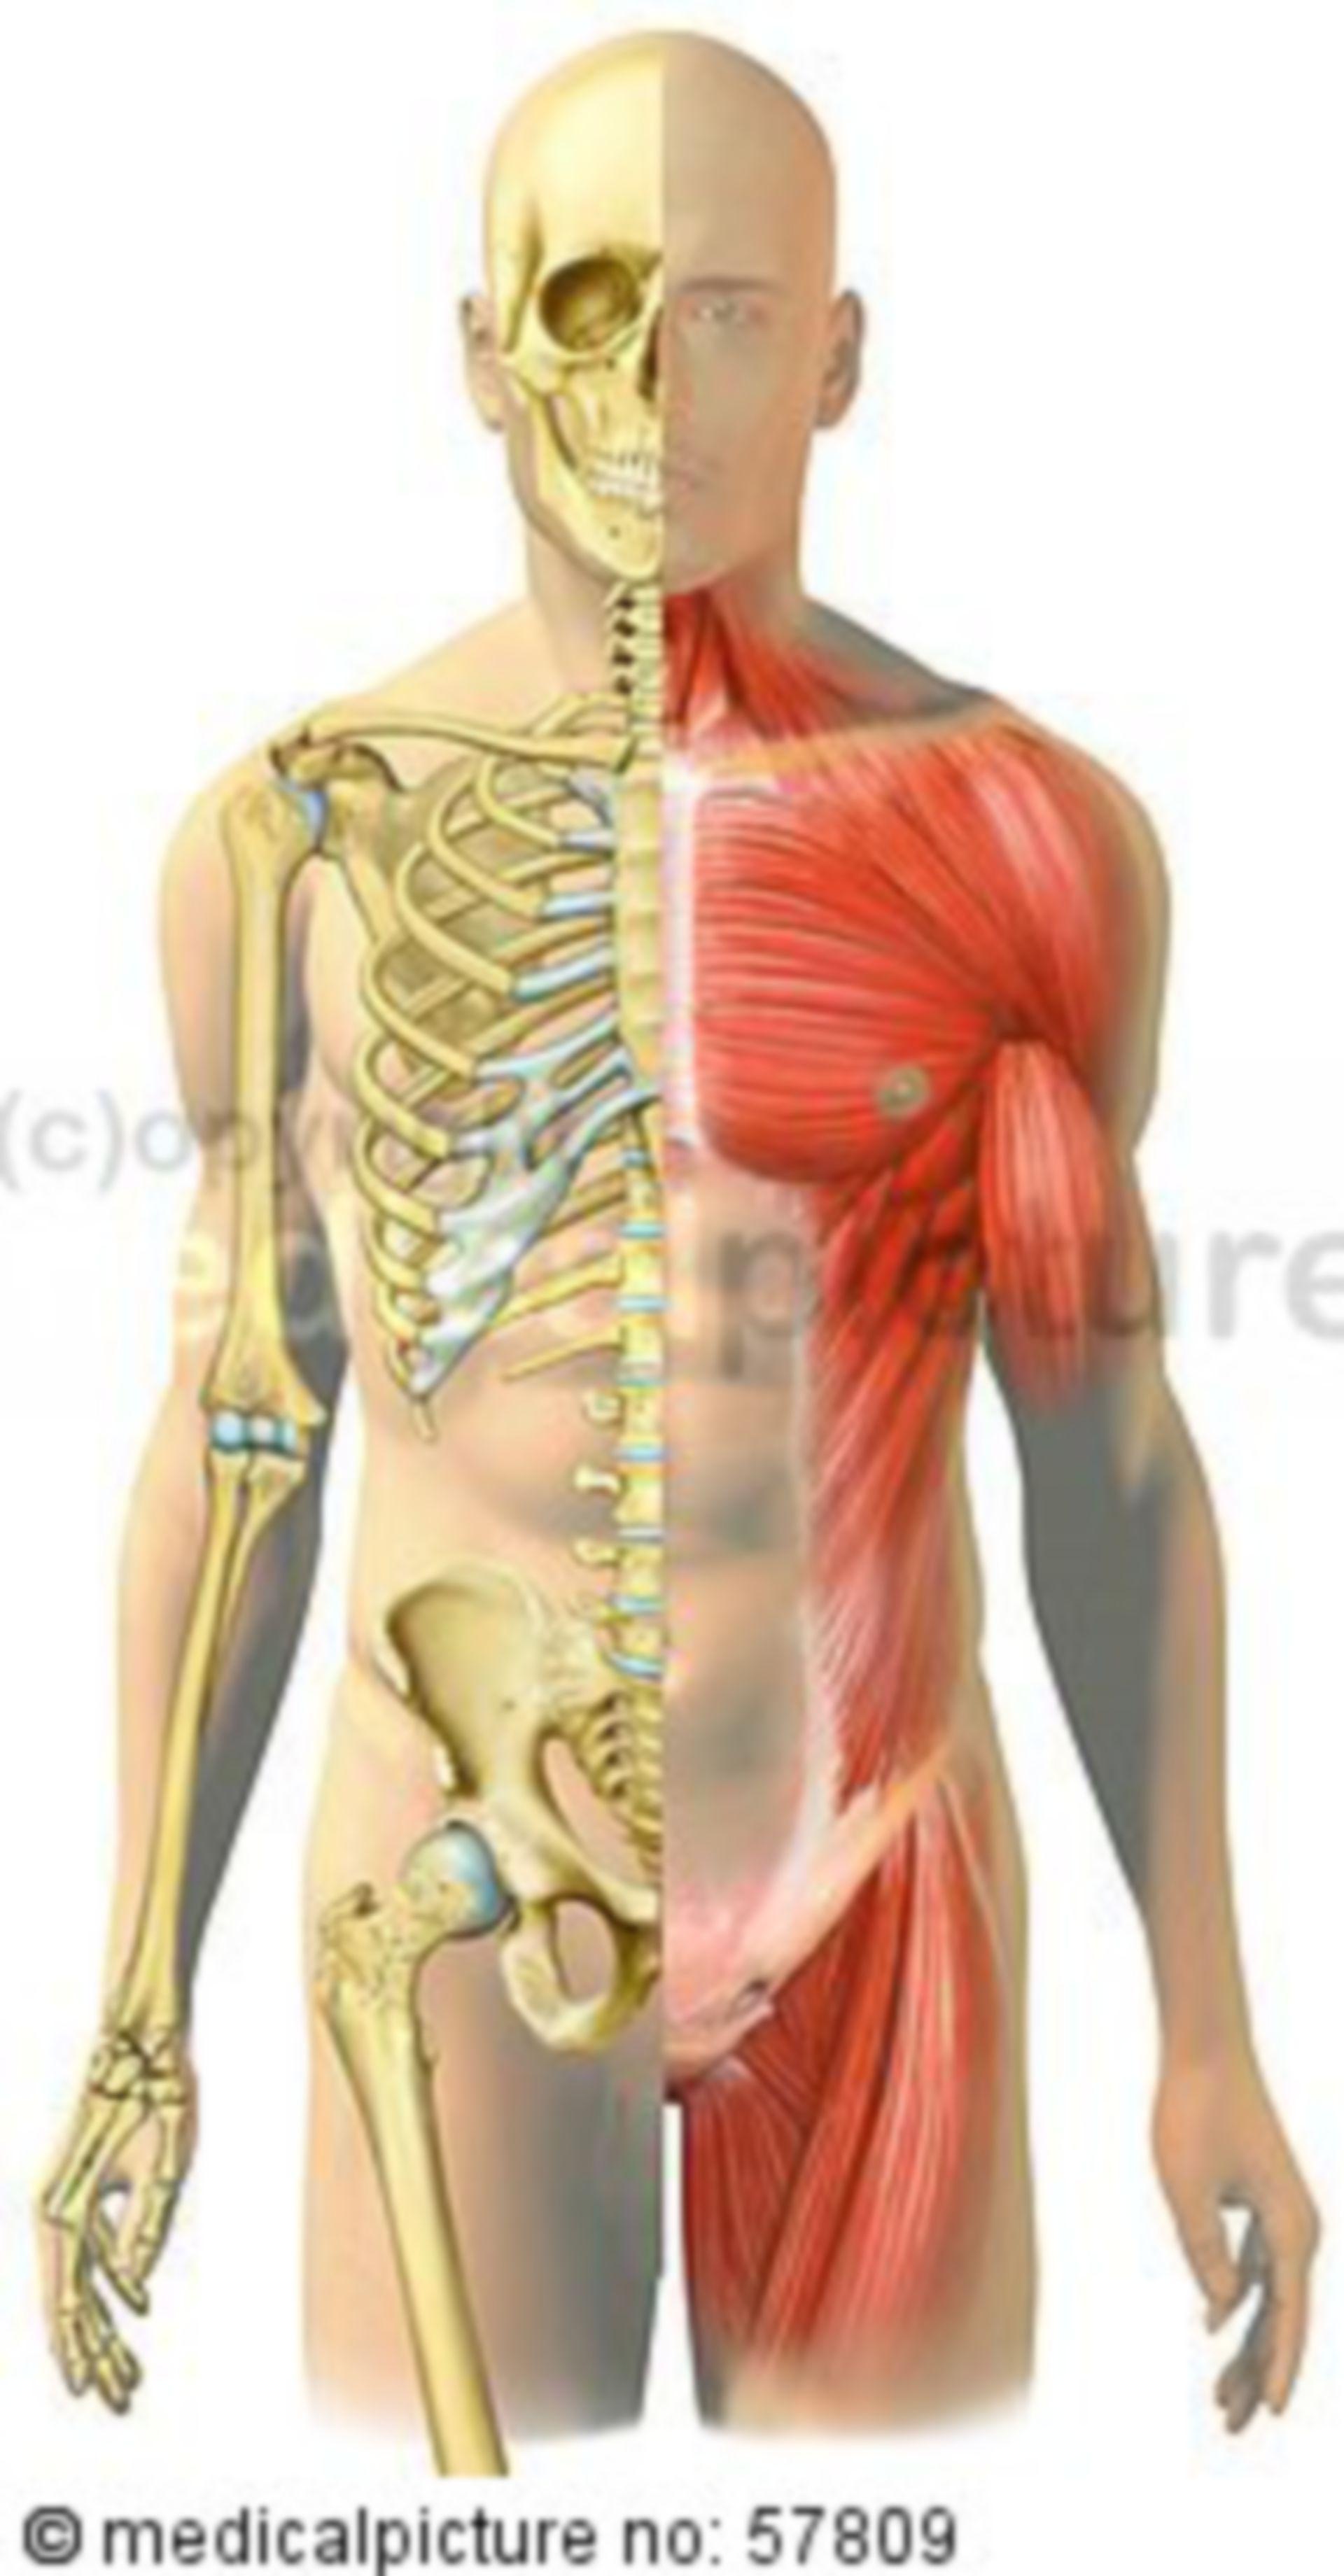 Illustrazioni anatomiche- Confronto del muscolo scheletrico